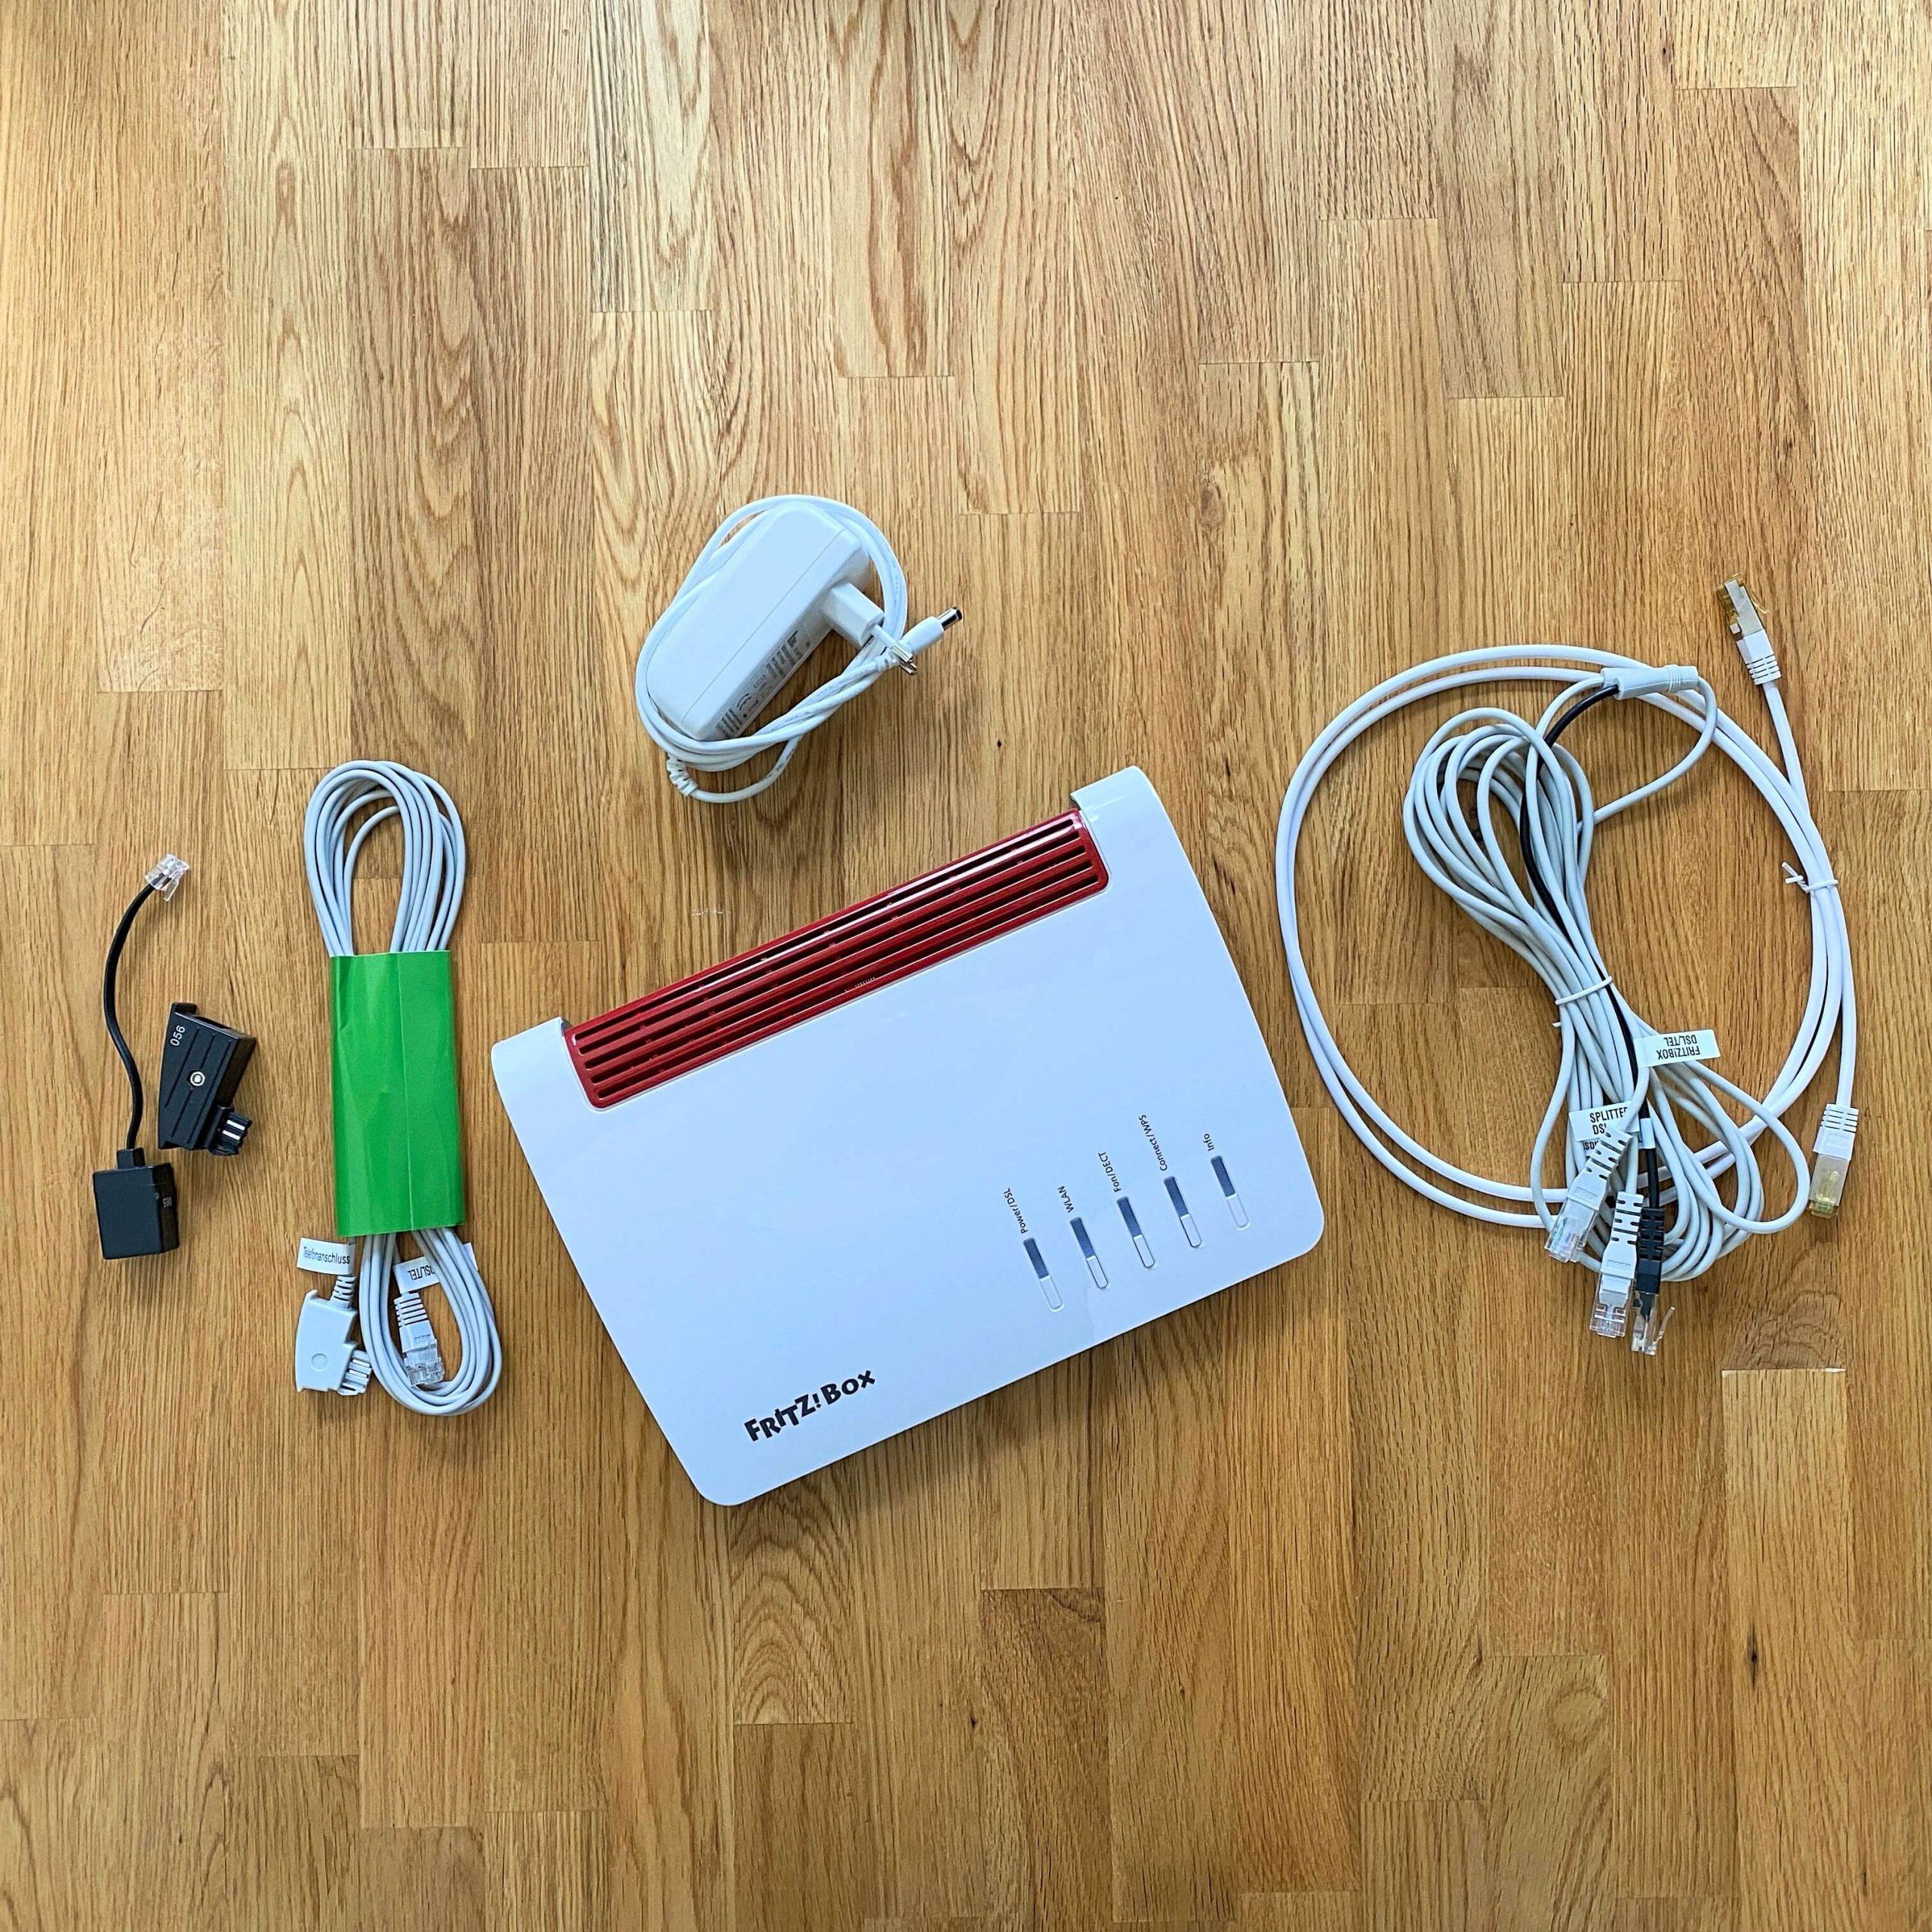 FritzBox7590_Router_WiFi_Dect1-scaled Fritz!Box 7590 von AVM - MESH-WLAN, Telefonie via DECT und allerhand mehr